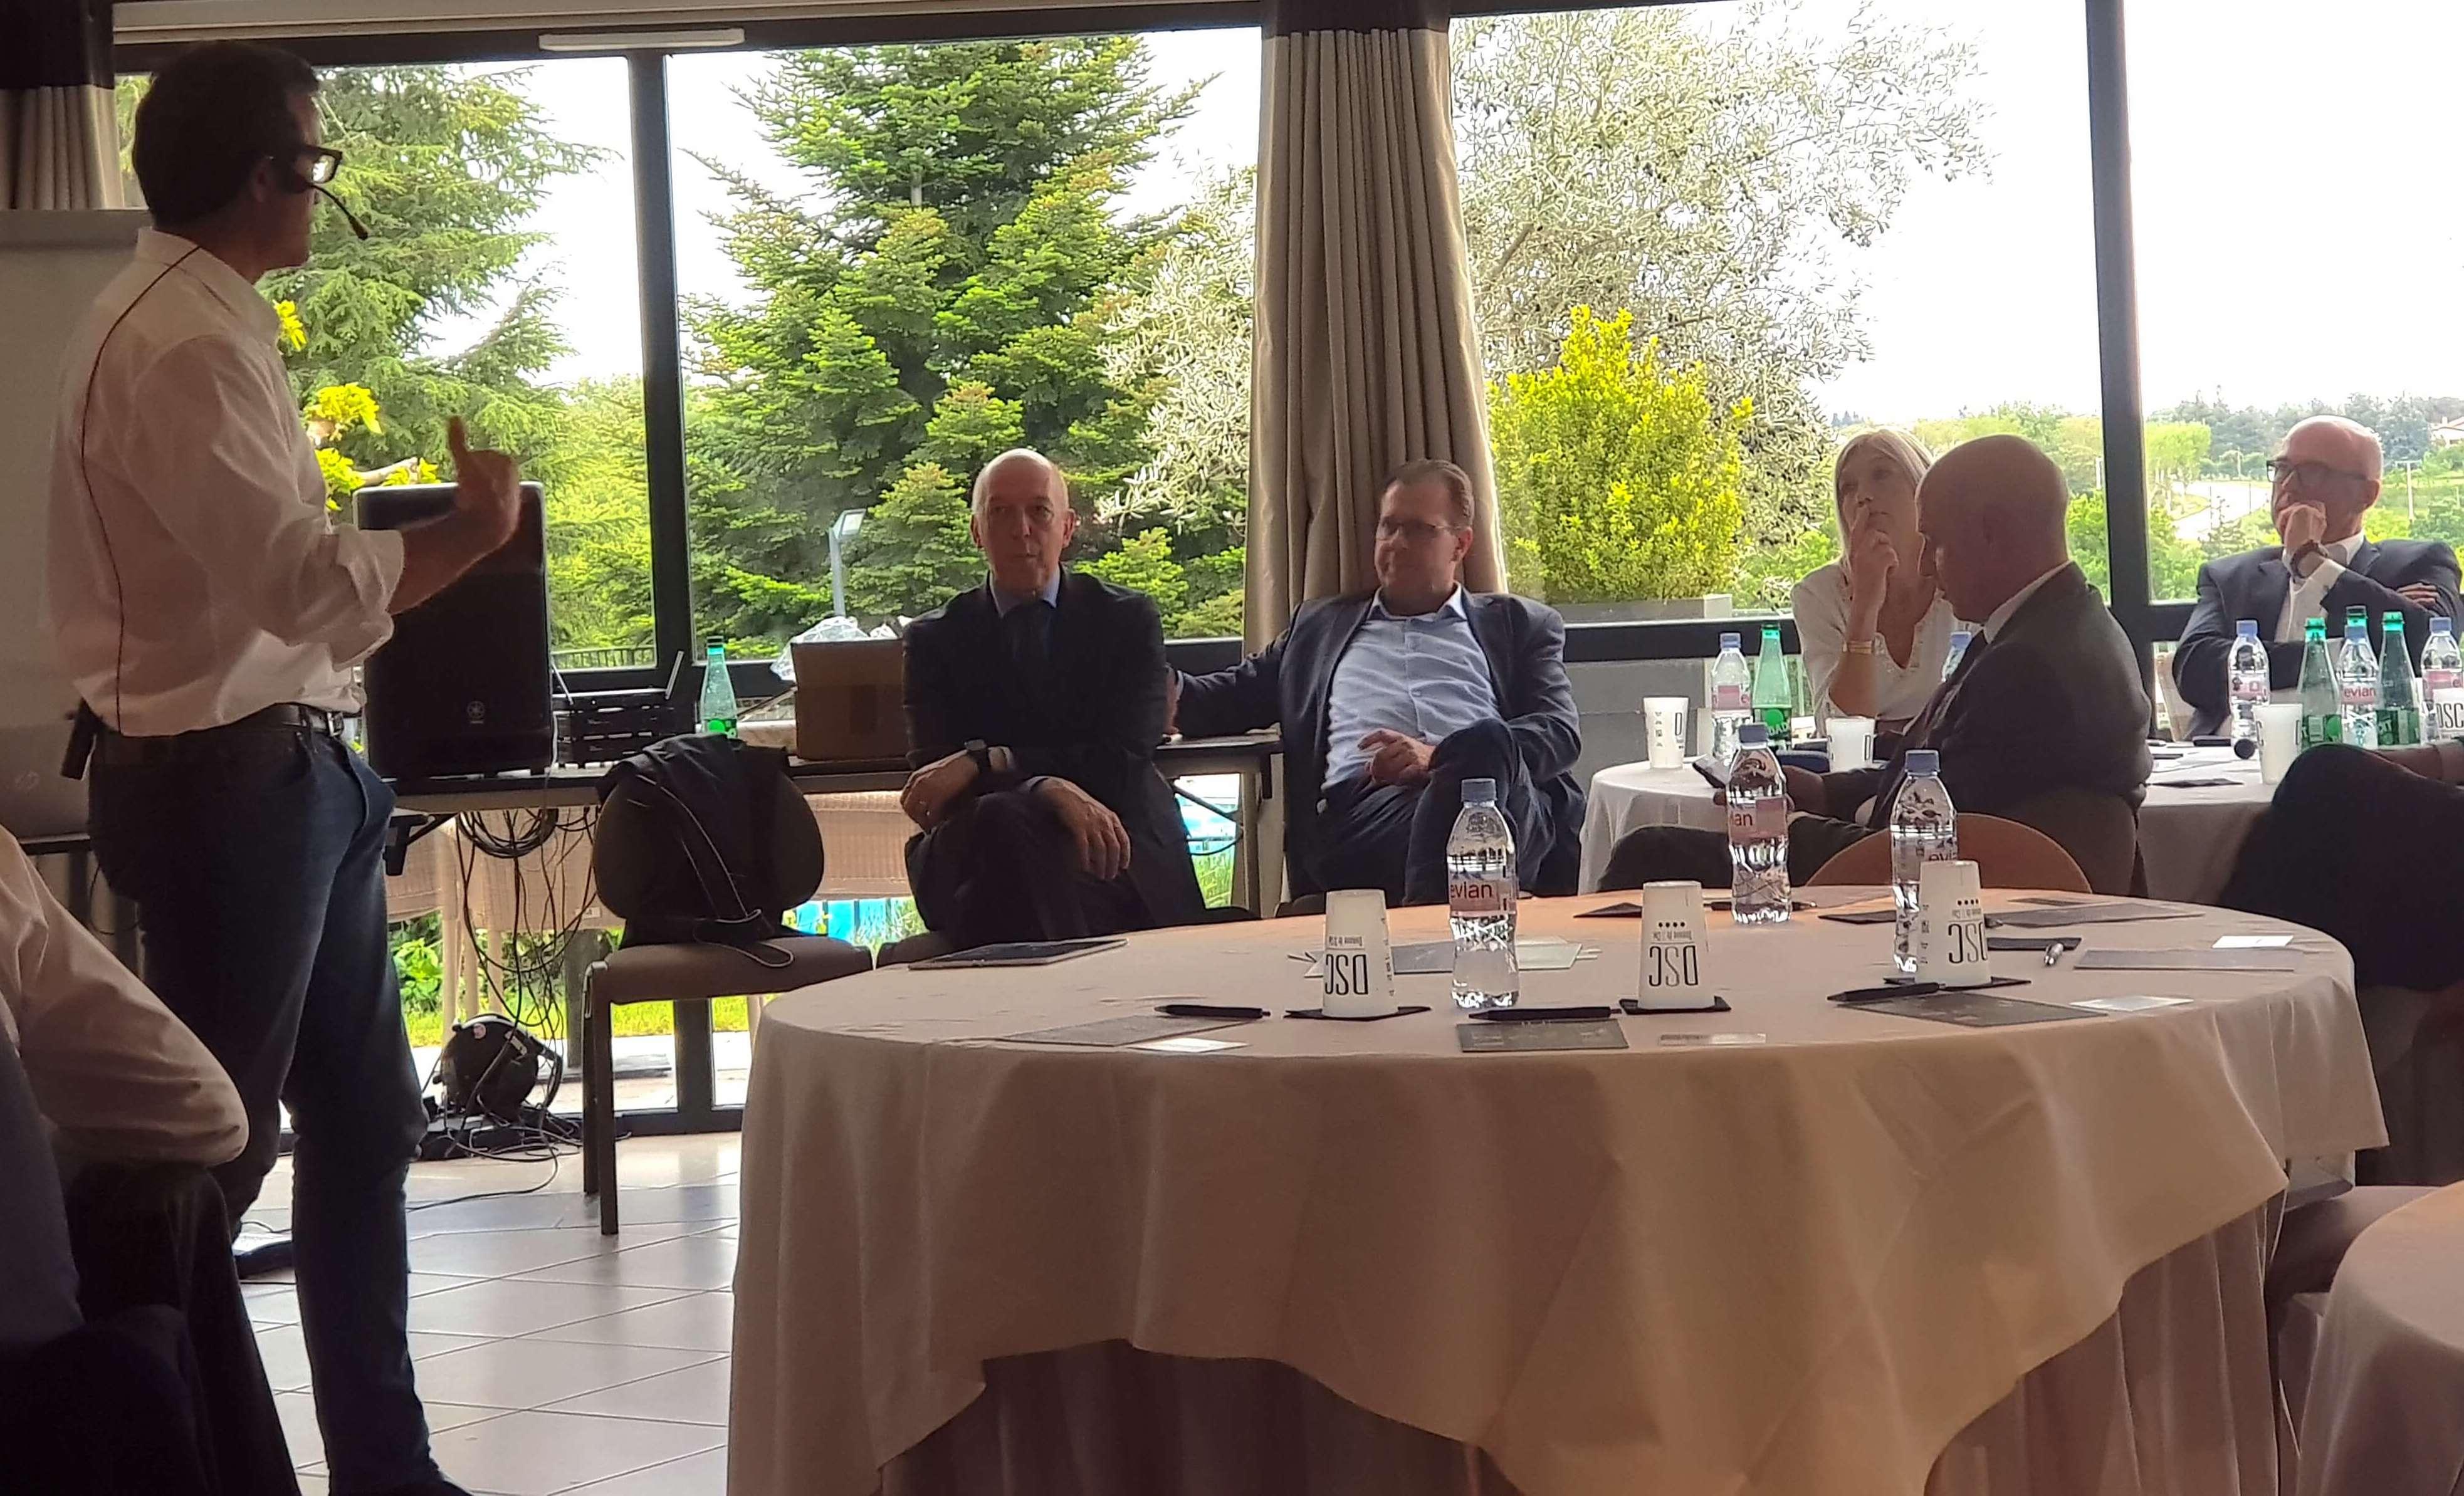 Conférence Fabien Galthié conduite du changement conférencier sportif